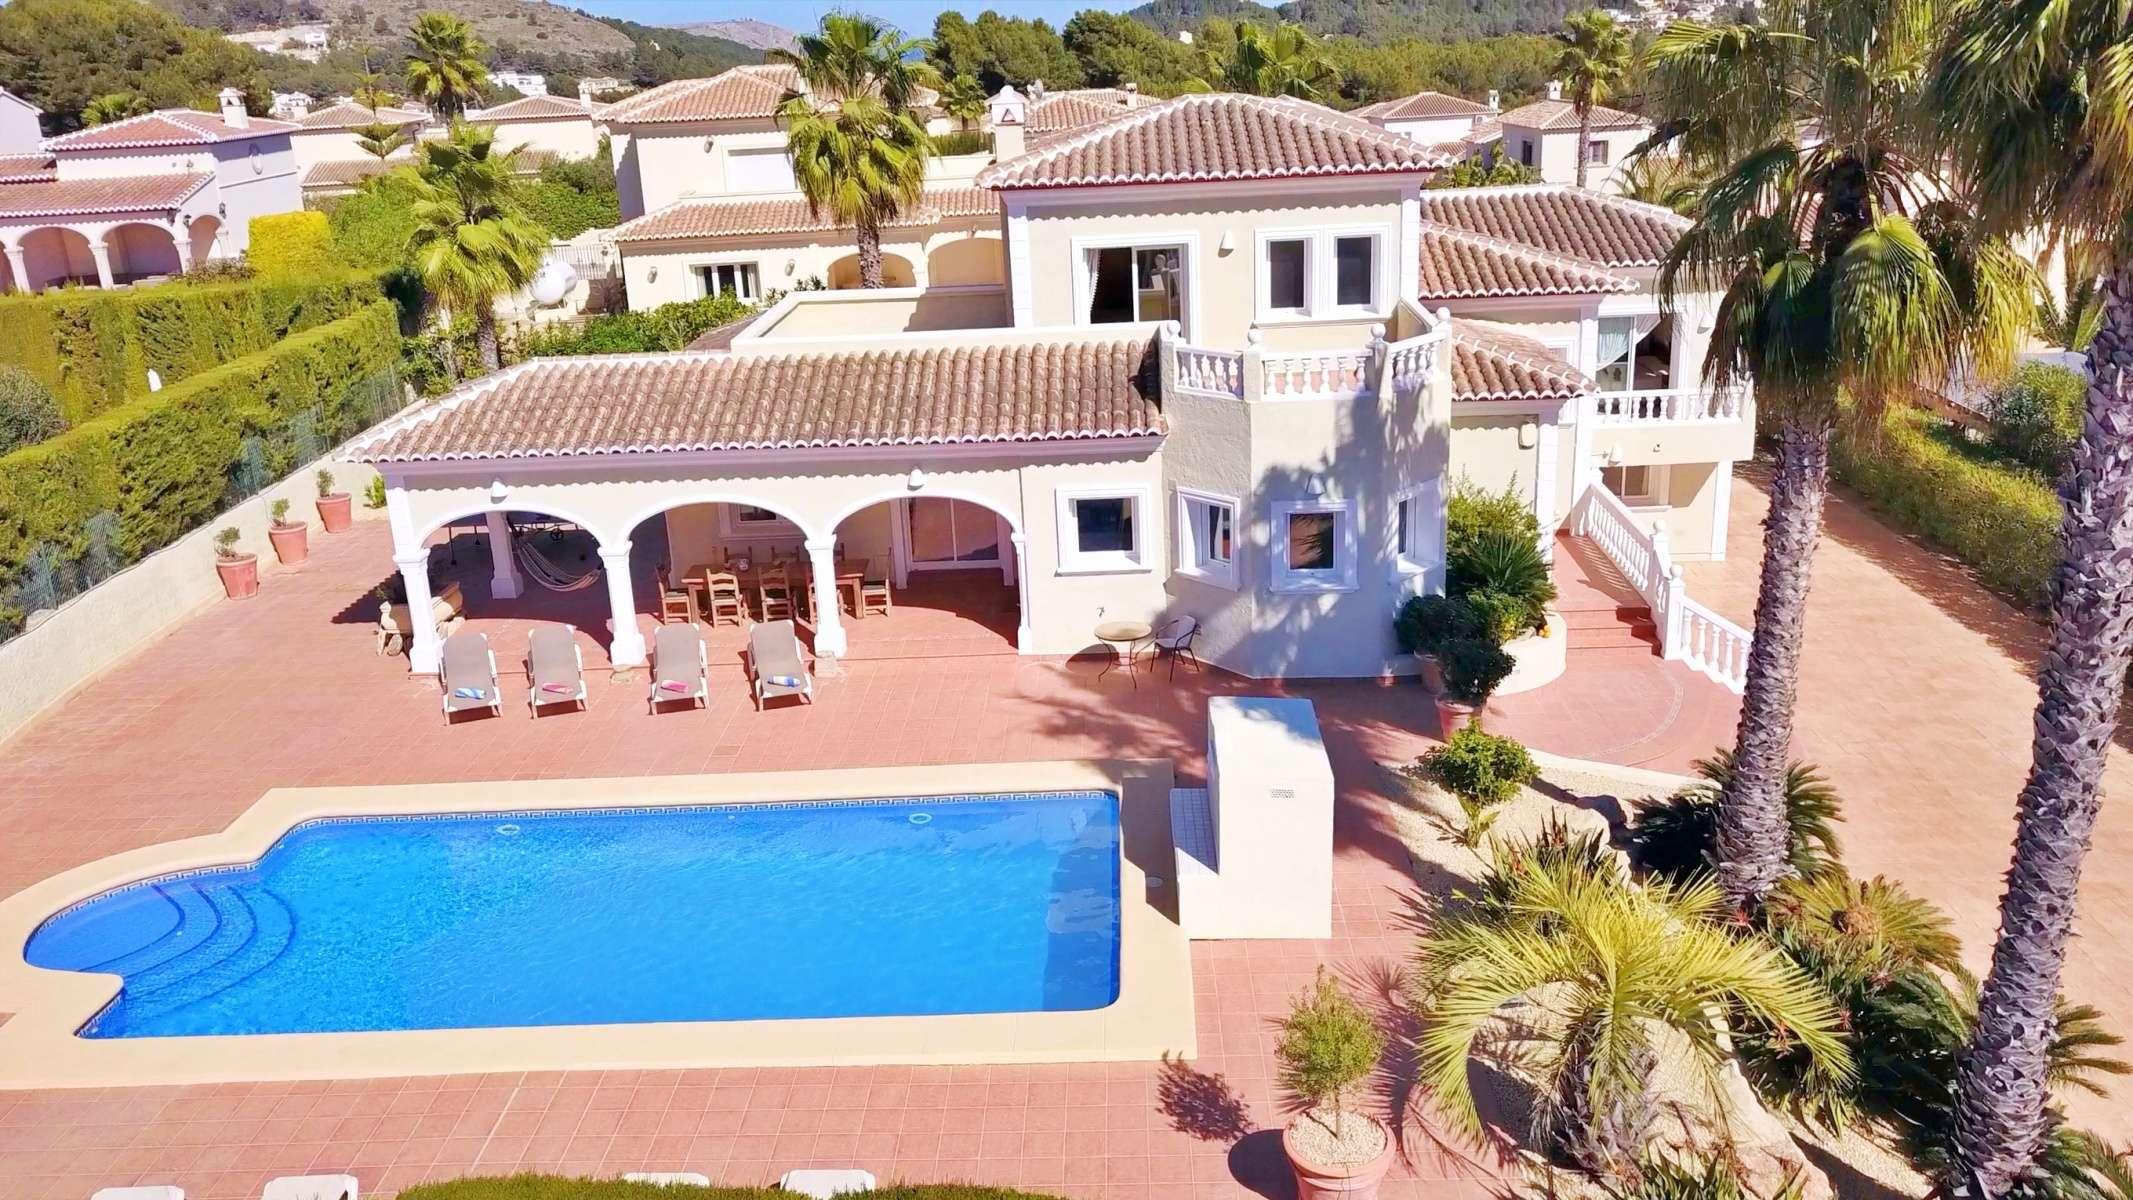 Villa in Javea Las Laderas